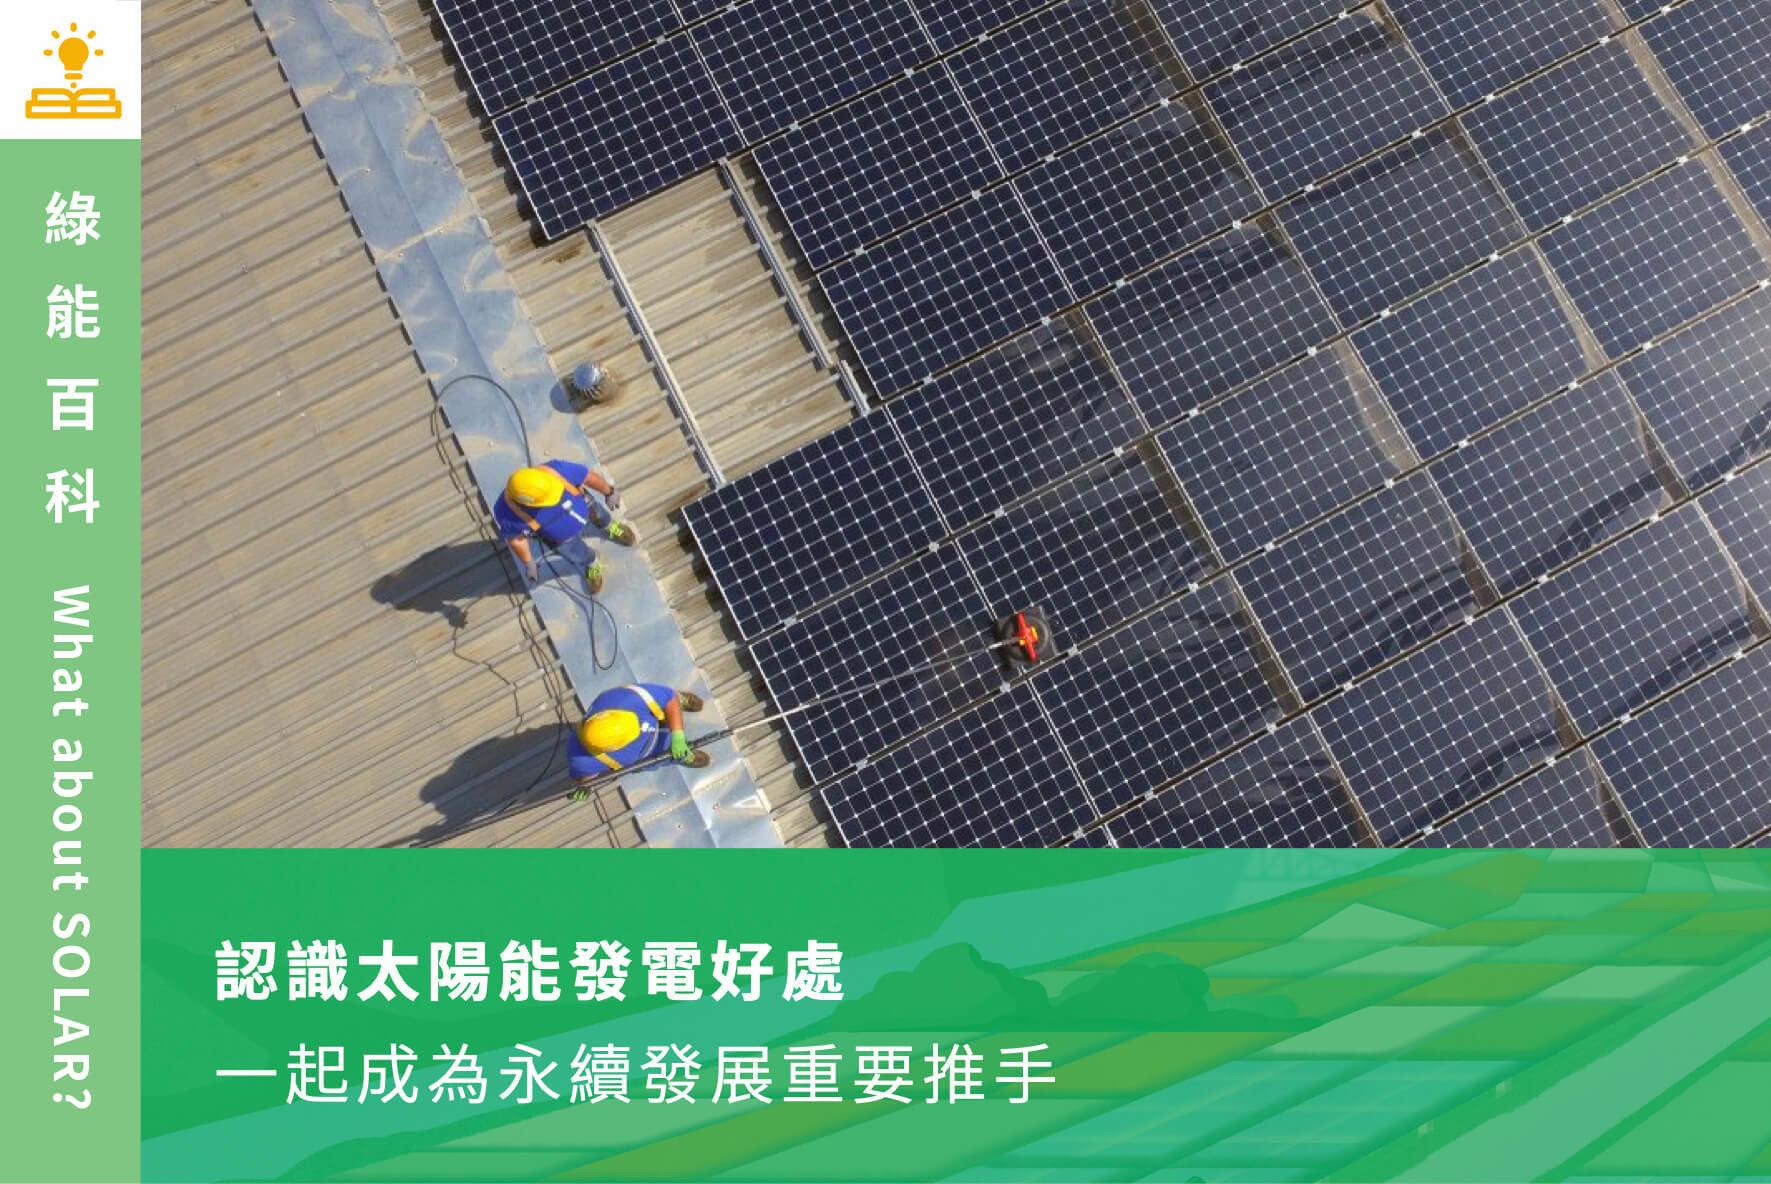 認識太陽能發電好處,一起成為永續發展重要推手